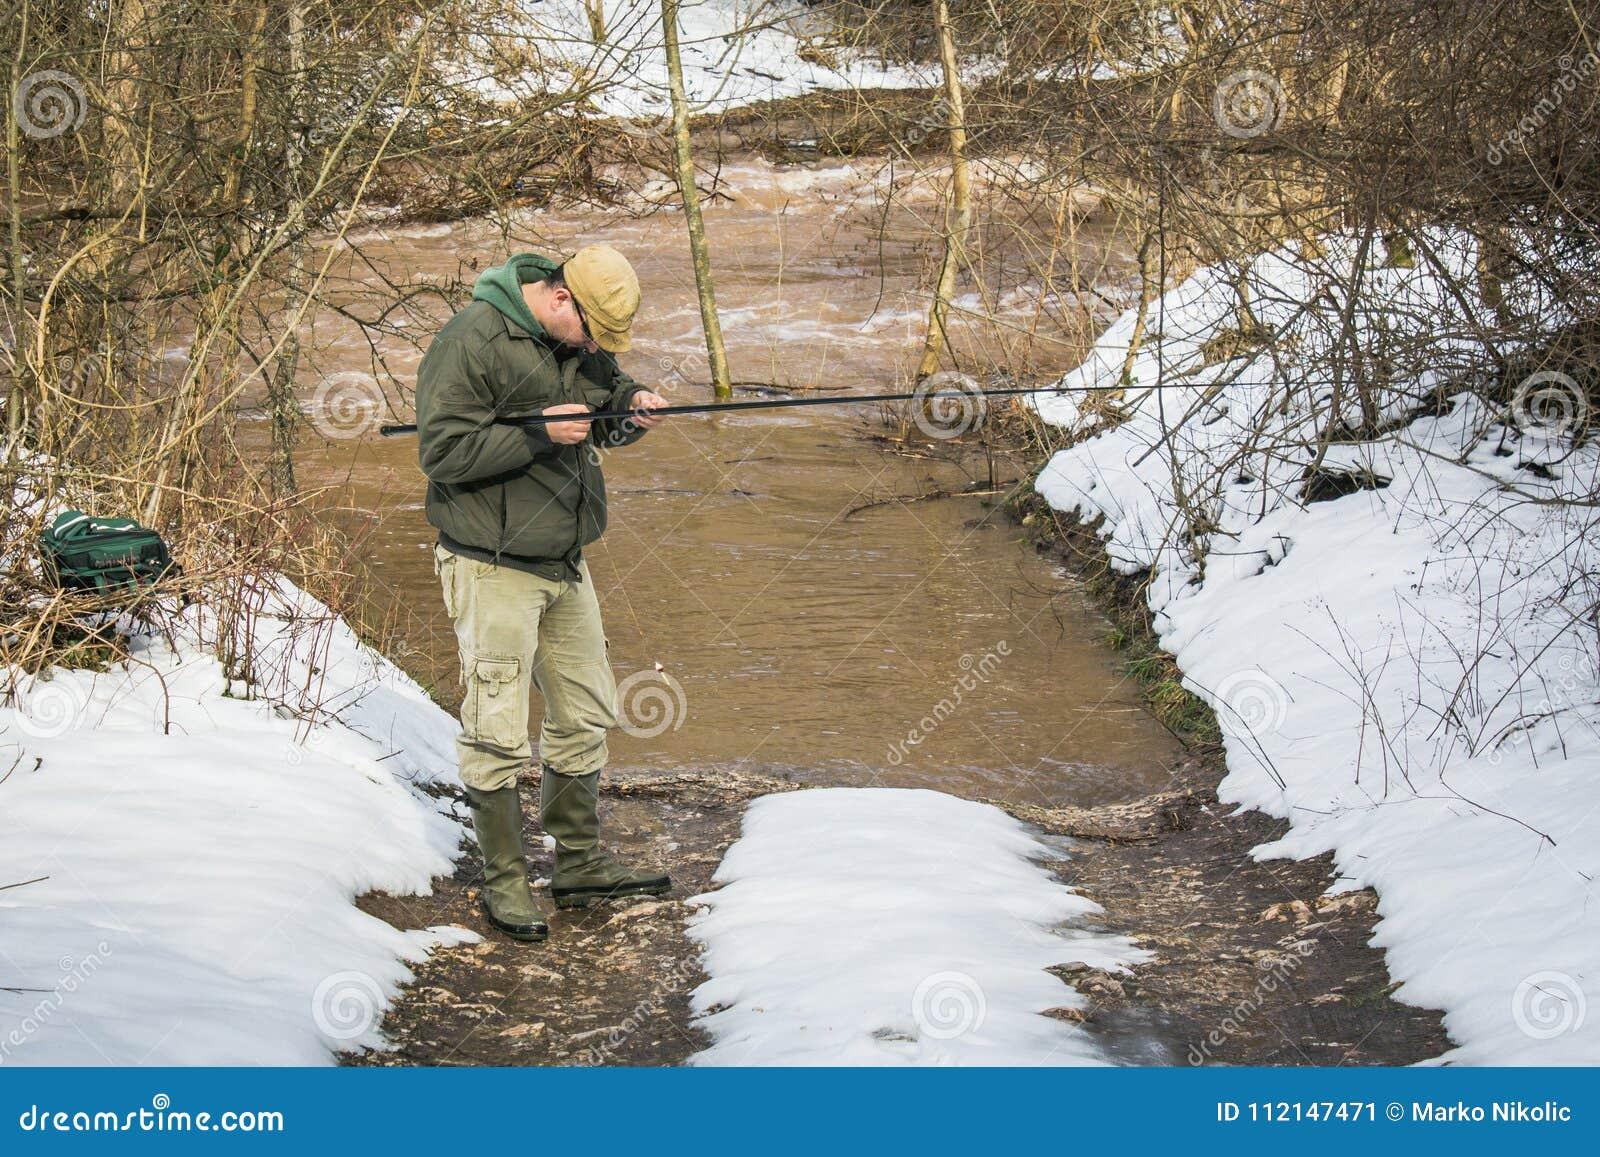 De visser probeert om vissen in de rivier te vangen